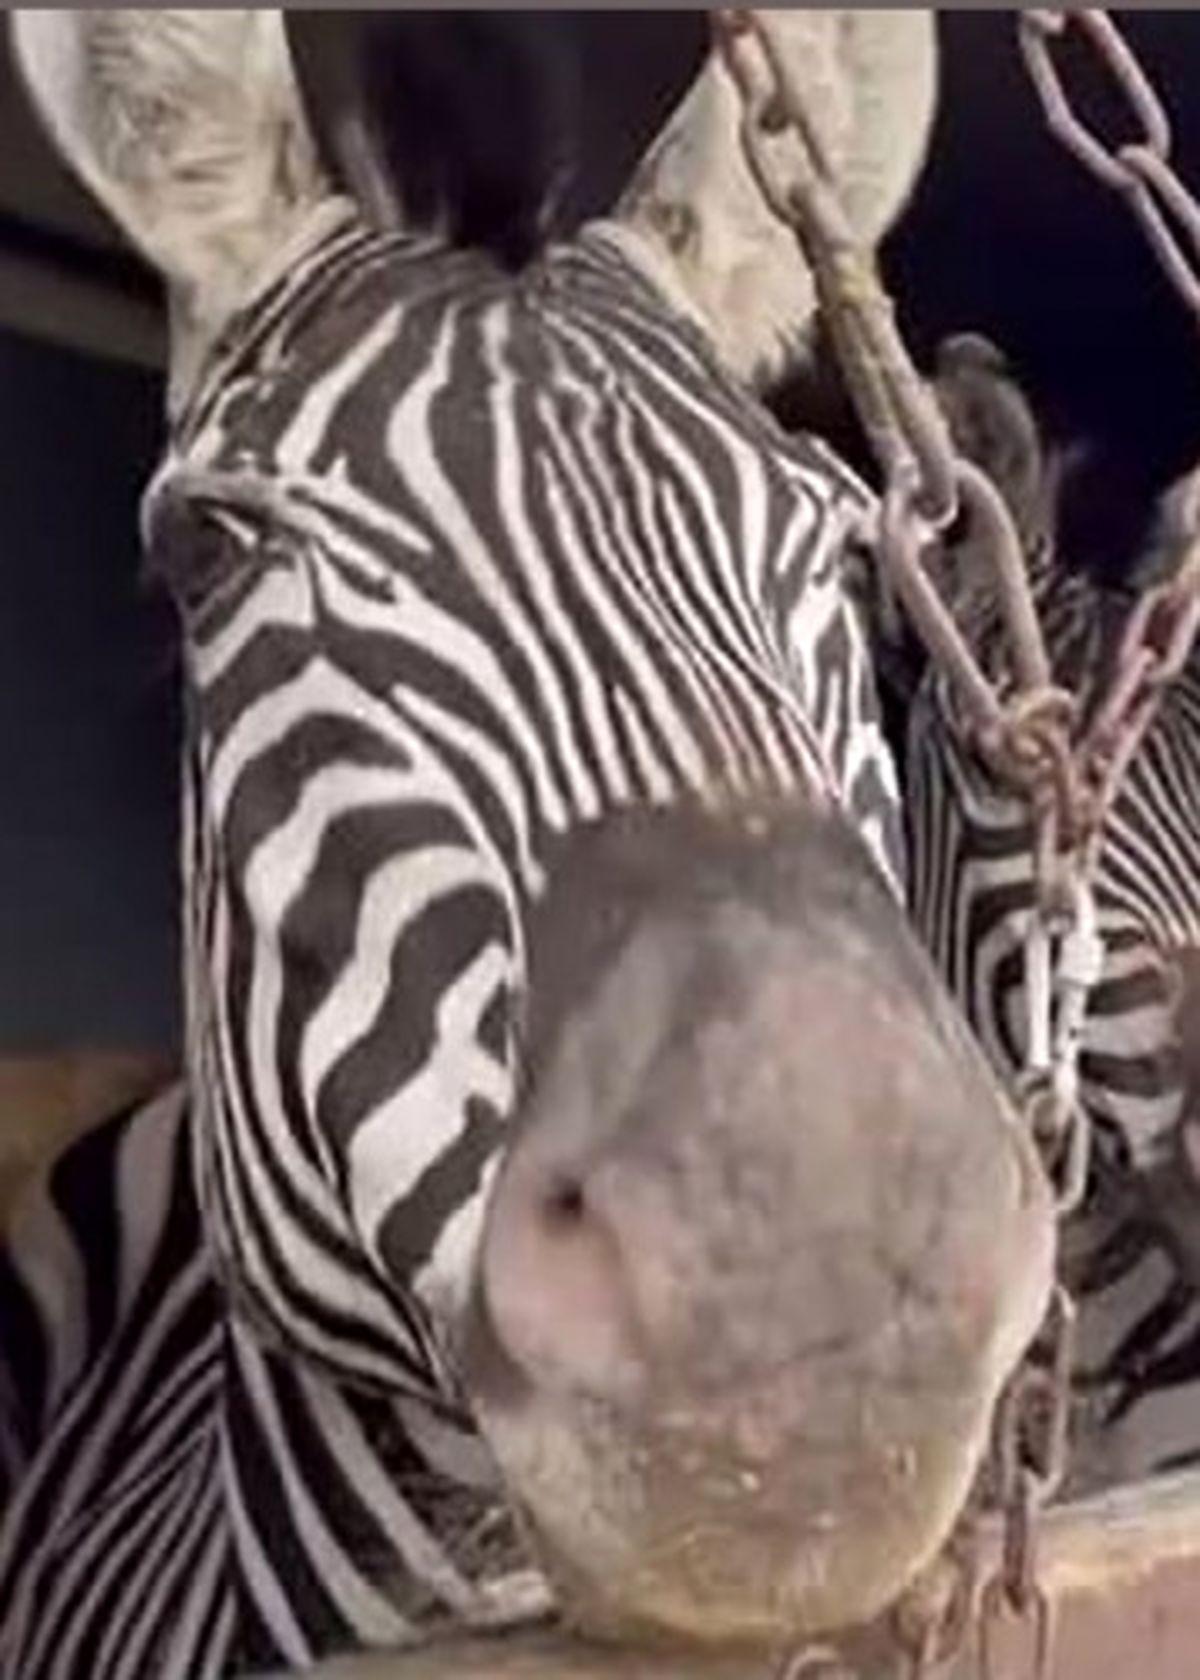 دومین گورخر آفریقایی باغ وحش صفادشت هم مرد!